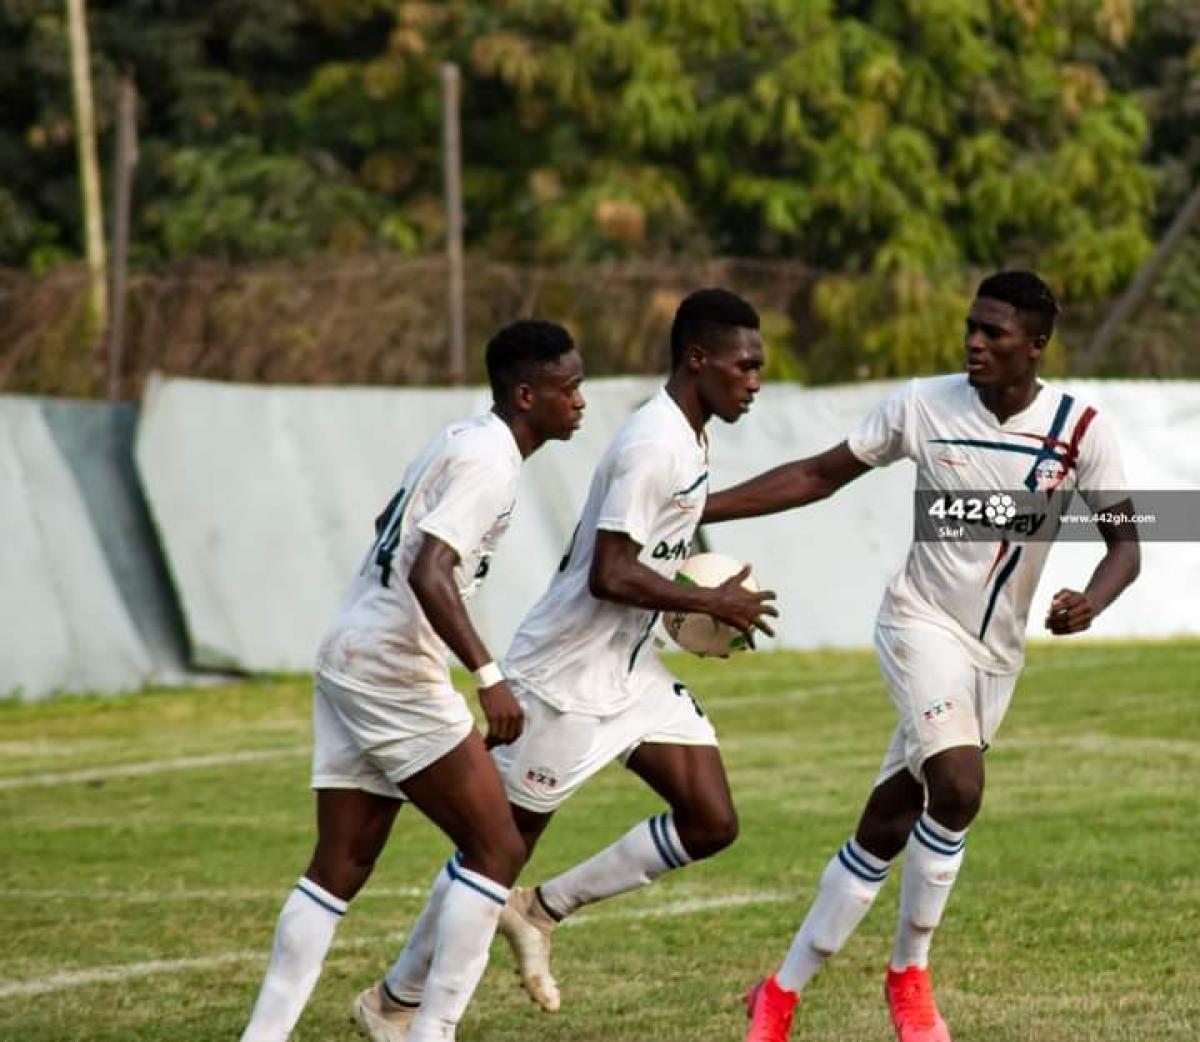 GPL MATCH REPORT   AshGold 0-1 Liberty; Kweku Karikari's goal inspires  Liberty to a narrow win over Ashanti Gold   Sports News - Gh Football Today